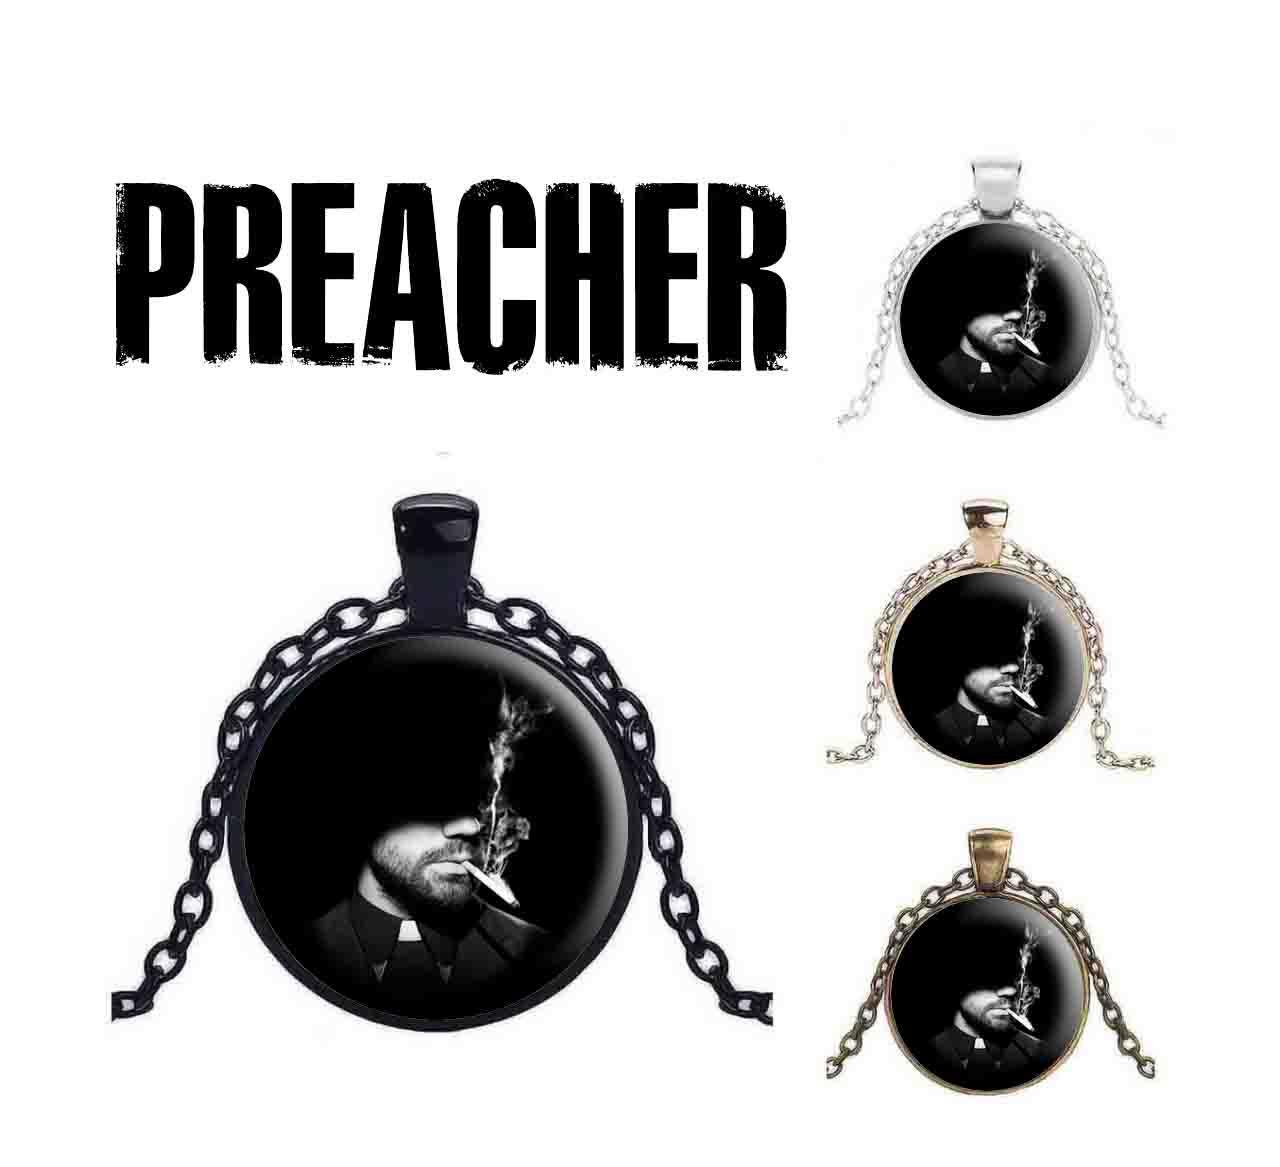 Кулон Preacher с Джесси чёрного цвета